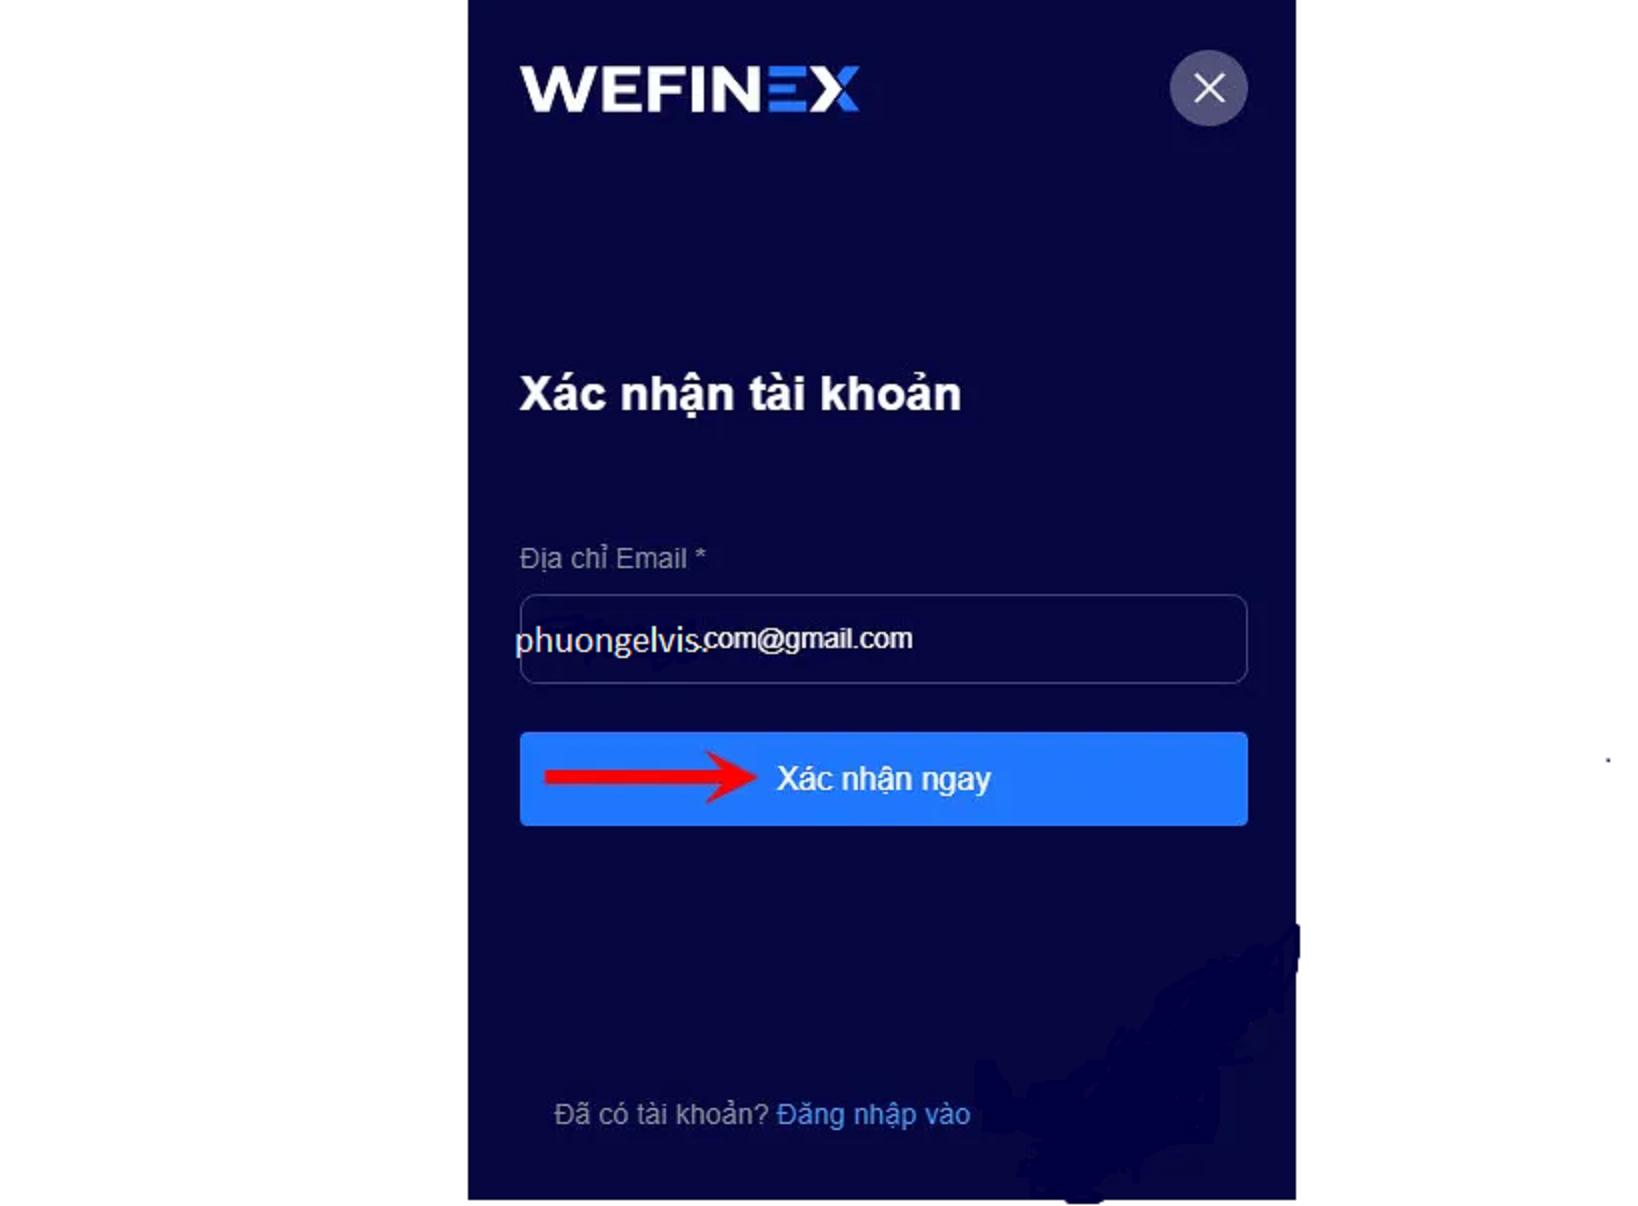 Wefinex là gì? Hướng dẫn đăng ký kiếm tiền Wefinex 2020 7